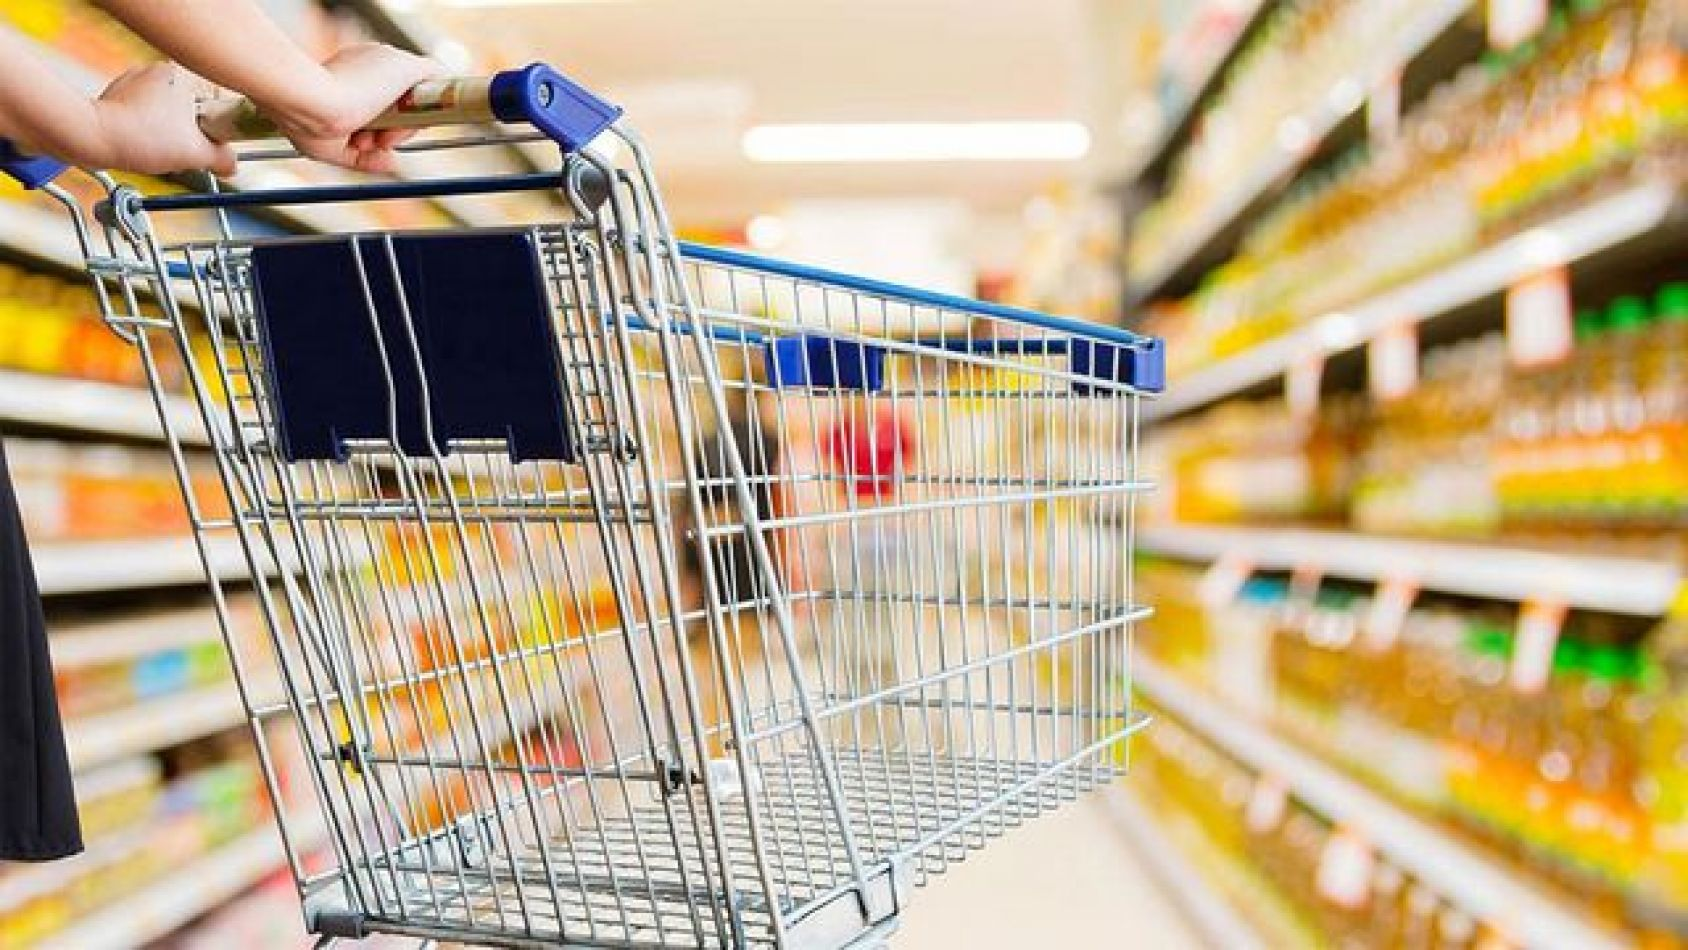 Supermercados suspenden ventas de productos de Unilever y Molinos